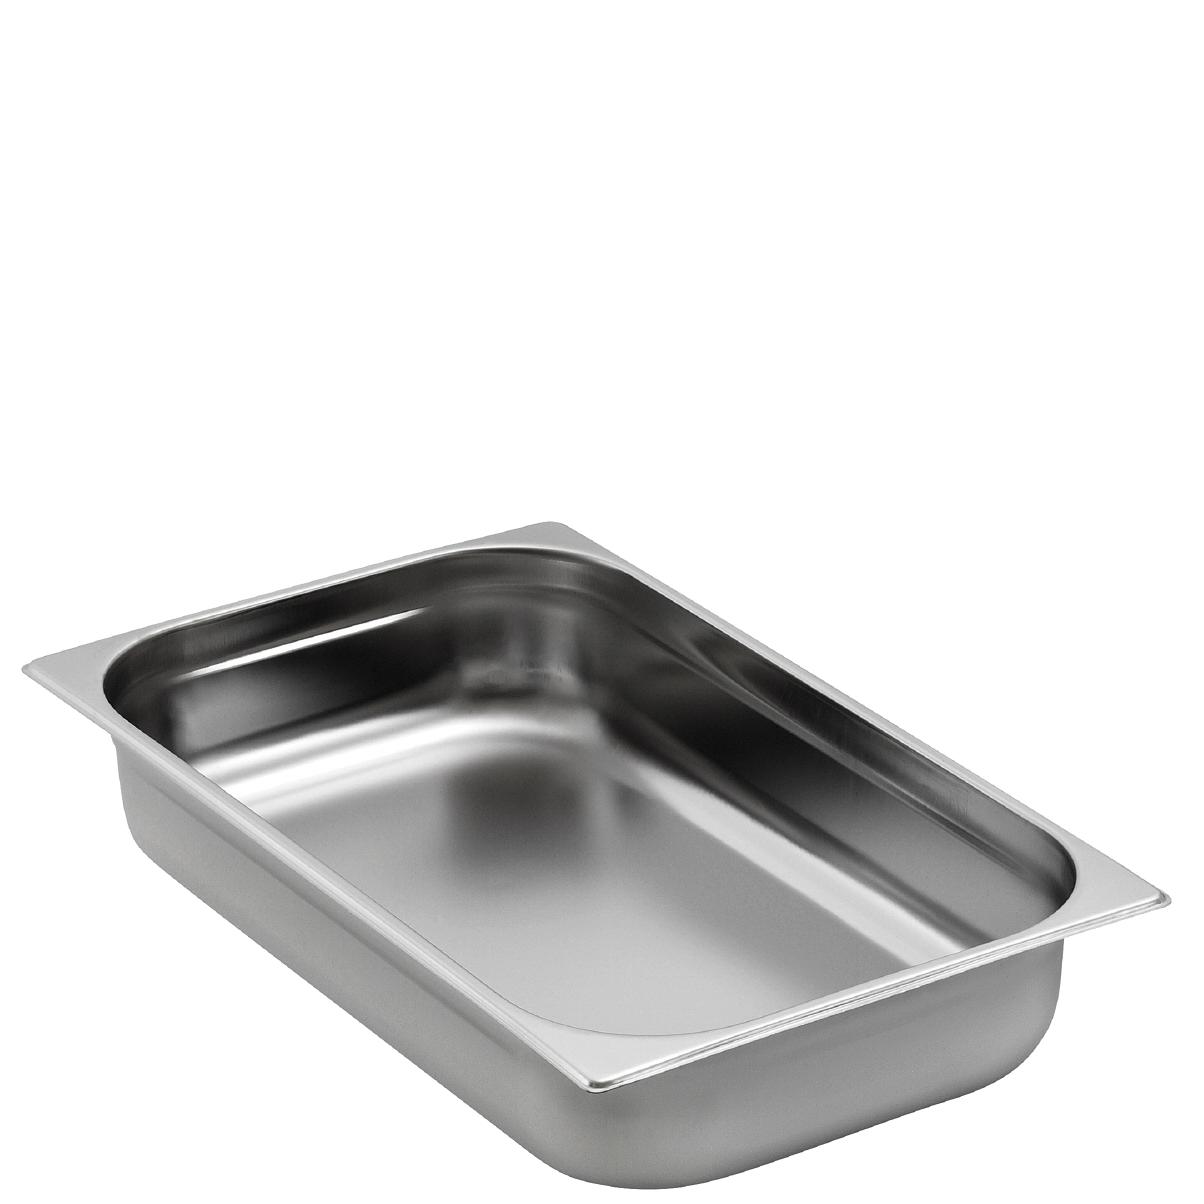 1/1 GN-Behälter für Chafing Dish (100mm)